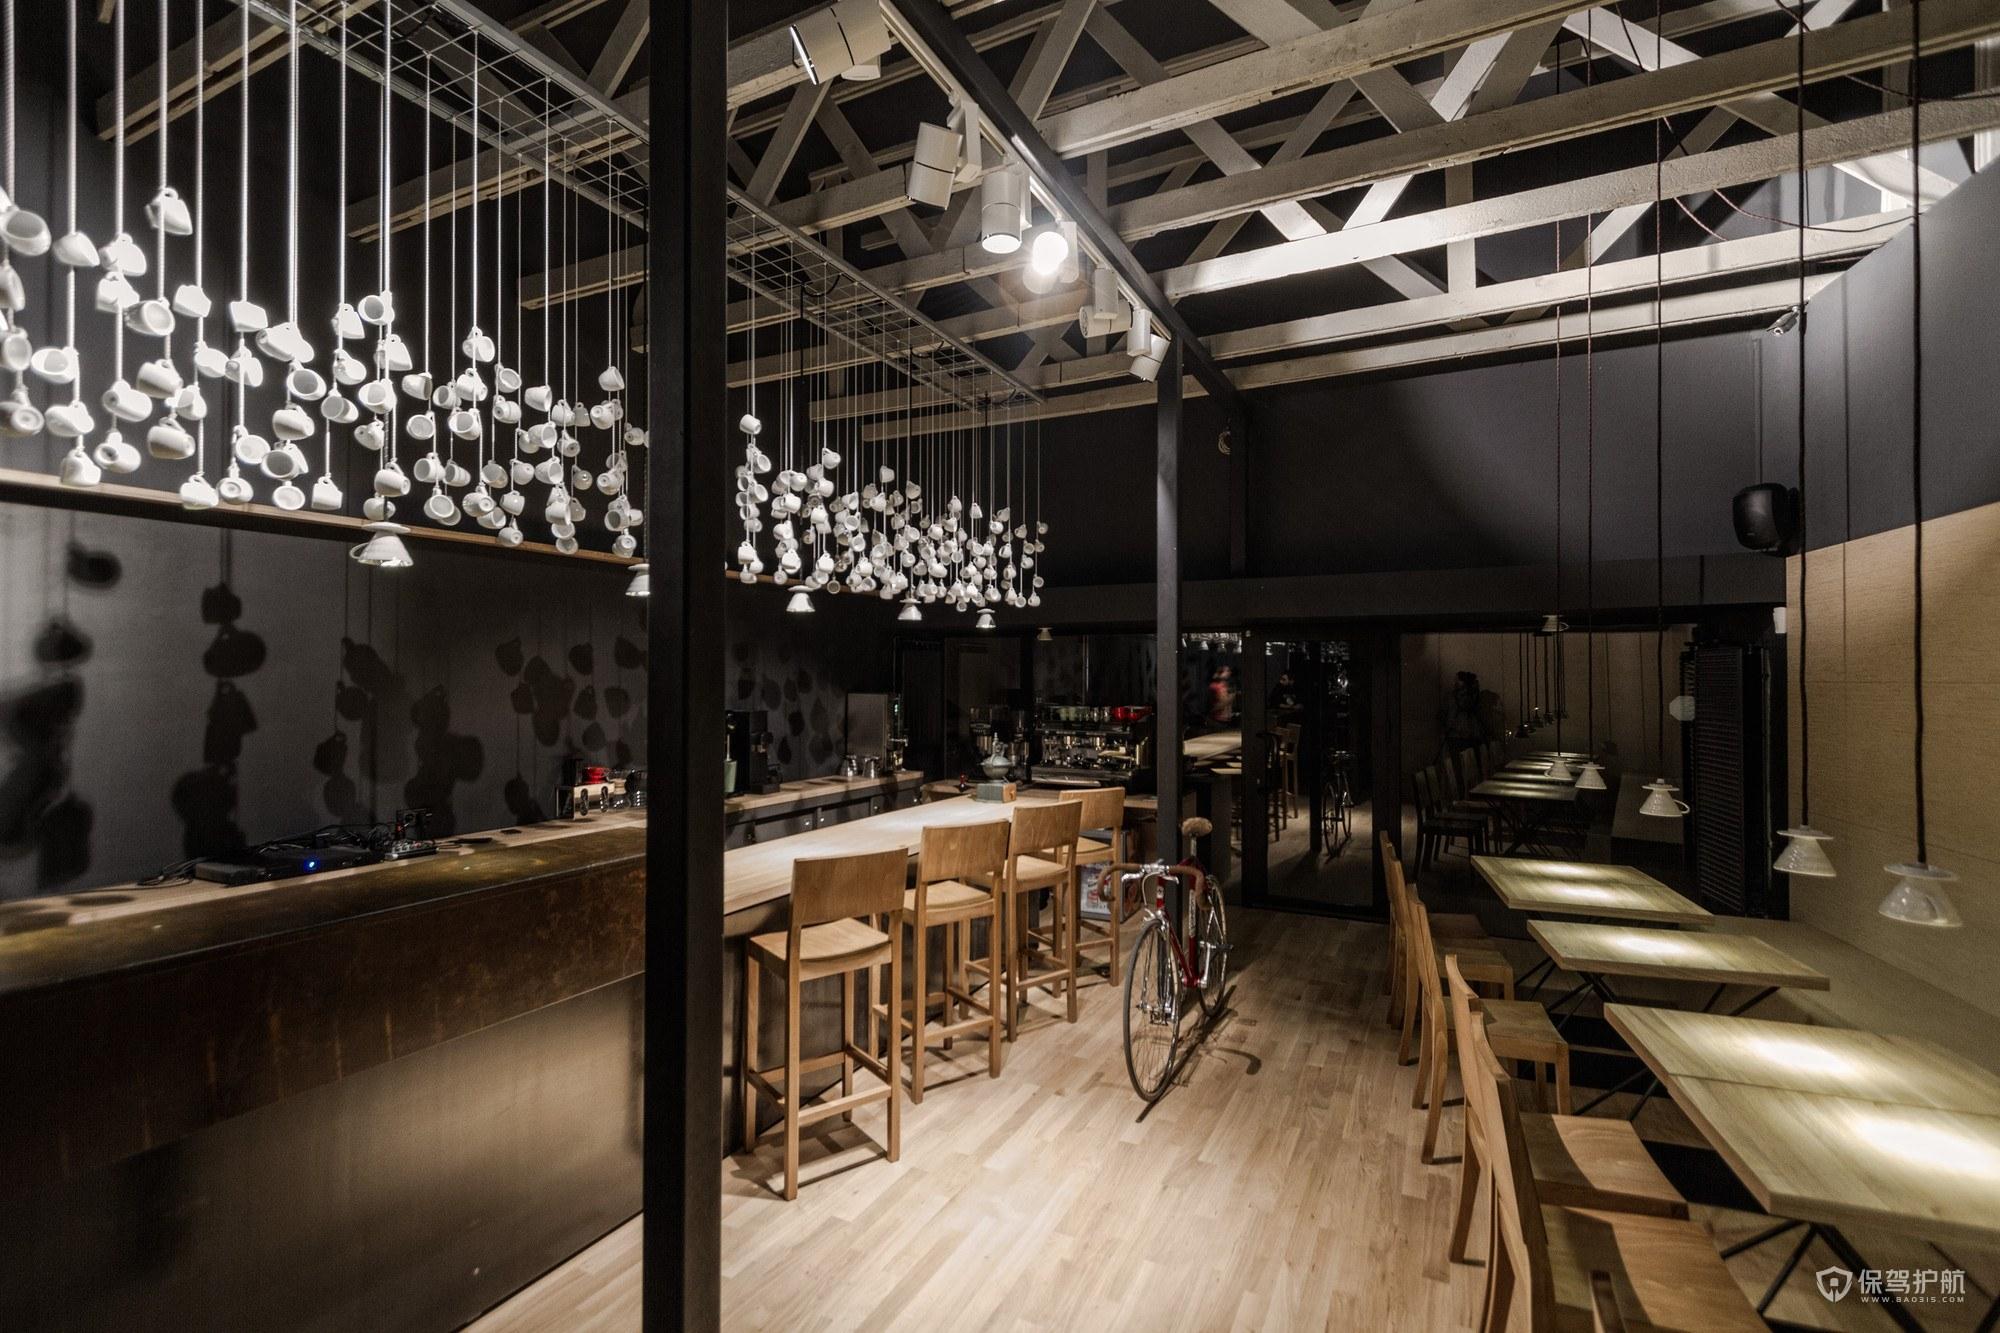 优雅古典风咖啡馆操作台设计图